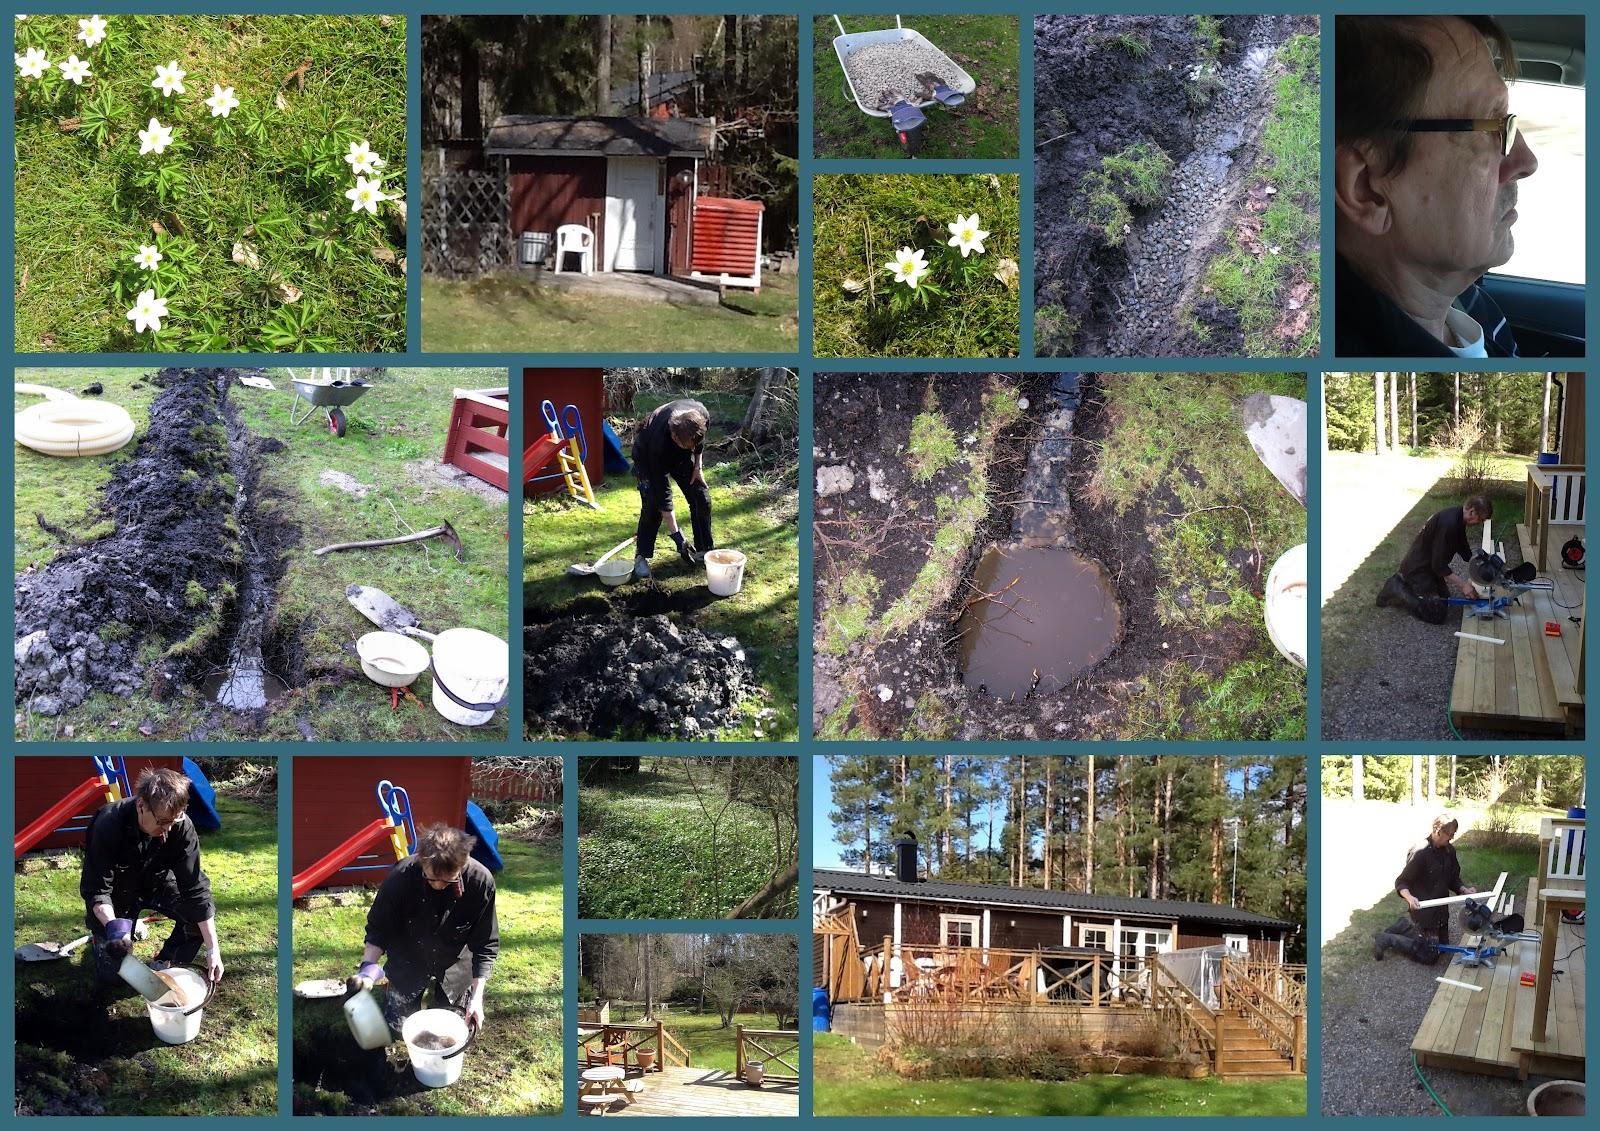 Inredning dräneringsrör : Mortens blogg: Vitsippor och vi gräver ner dräneringsrör i Vemlinge